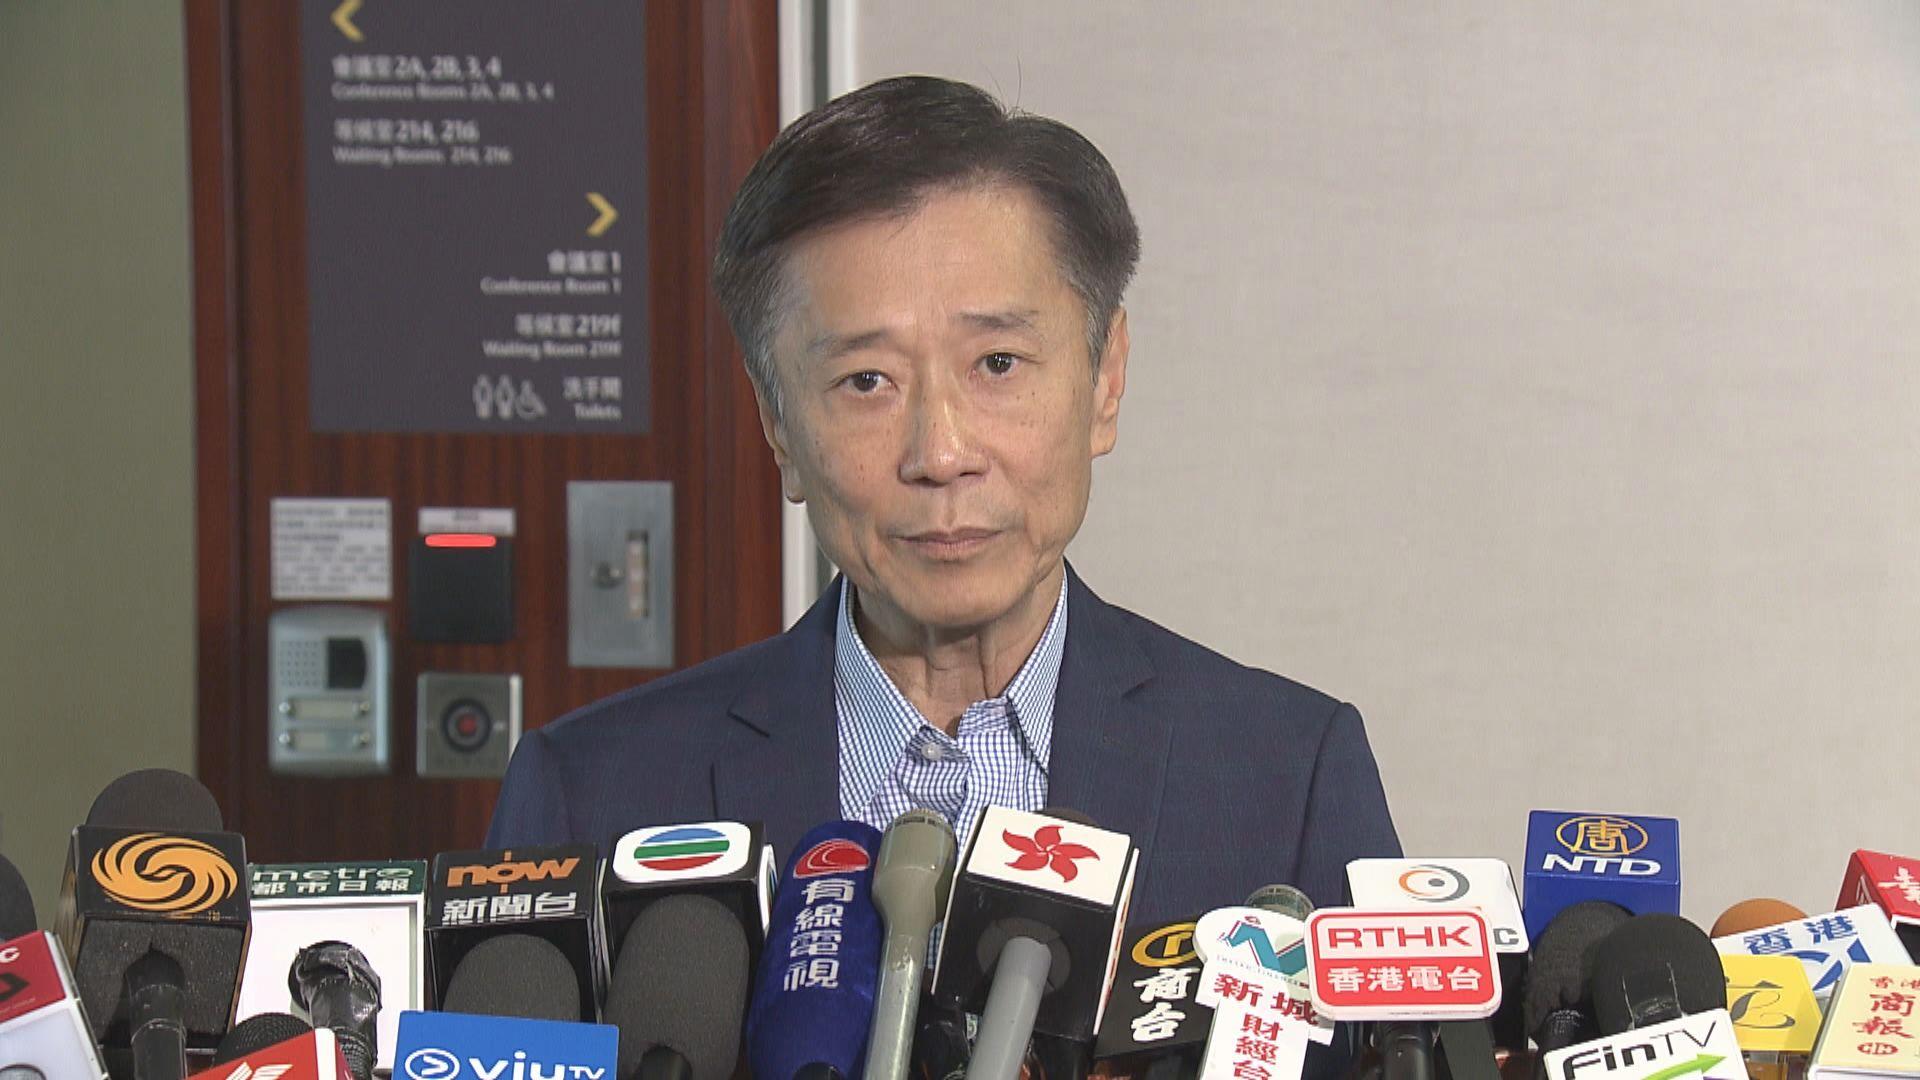 姚思榮:業界主動提出讓從業員協助接種中心運作